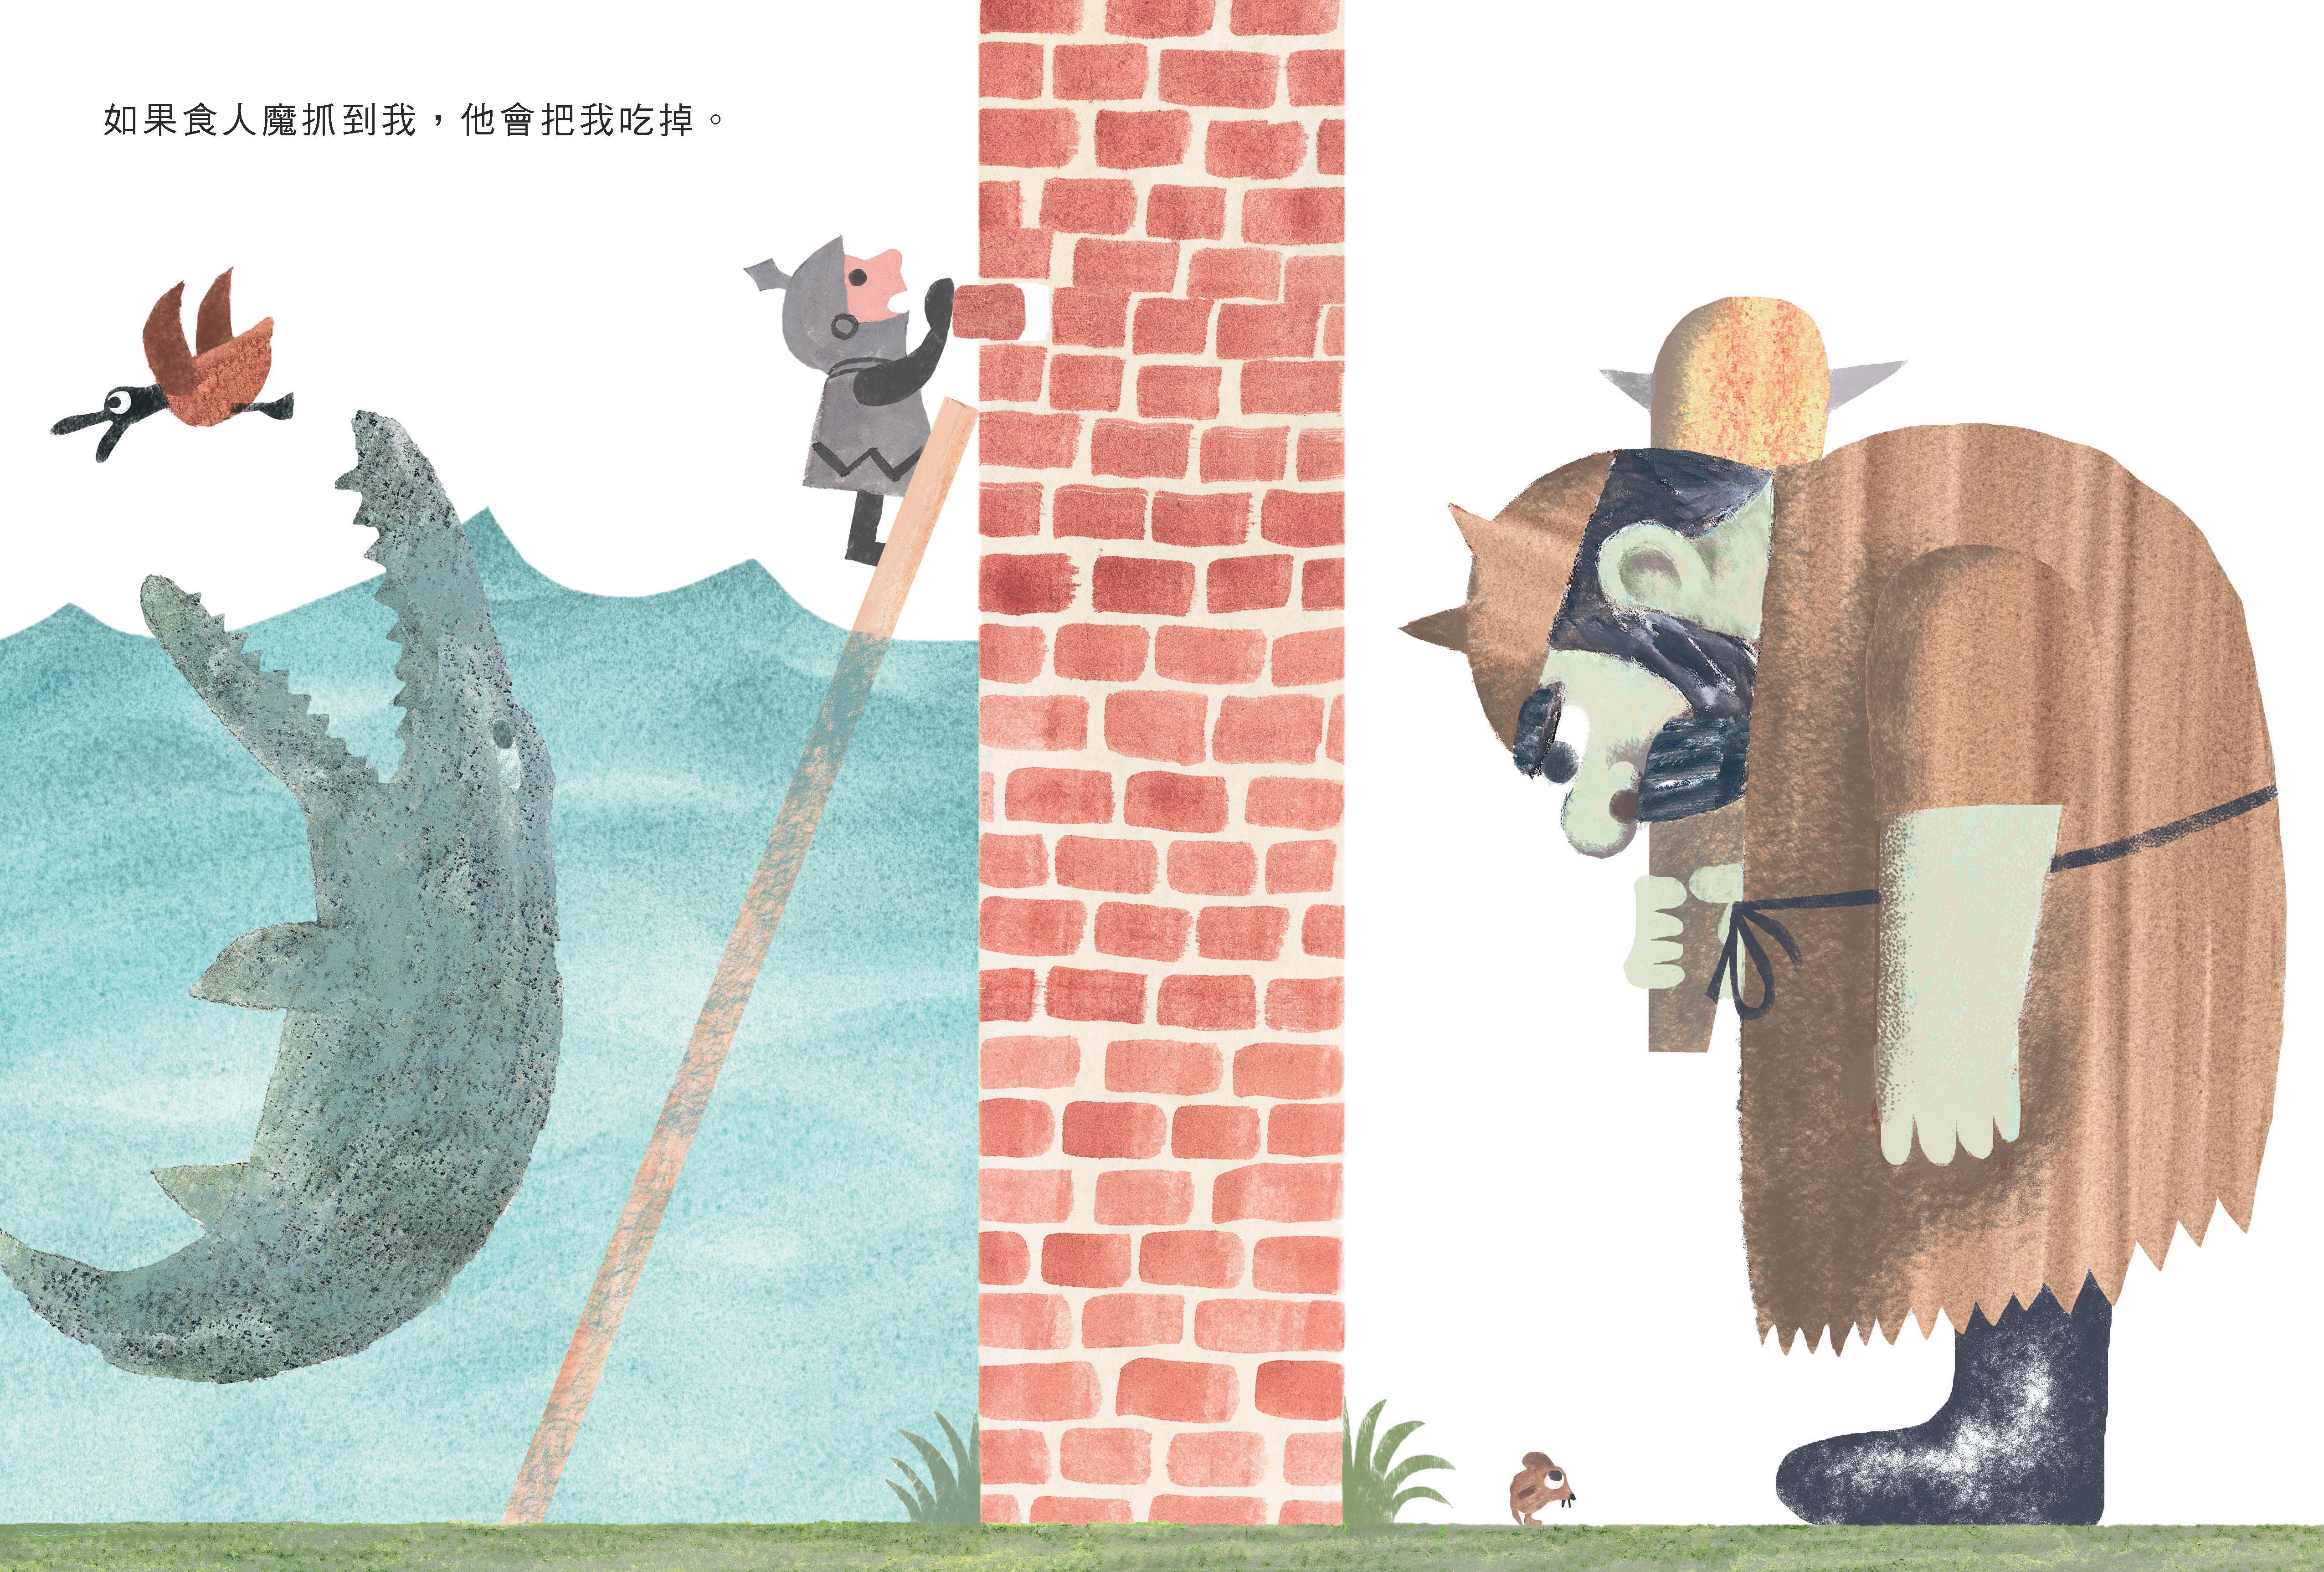 後青春繪本館|拆掉心牆,探索未知的不可思議